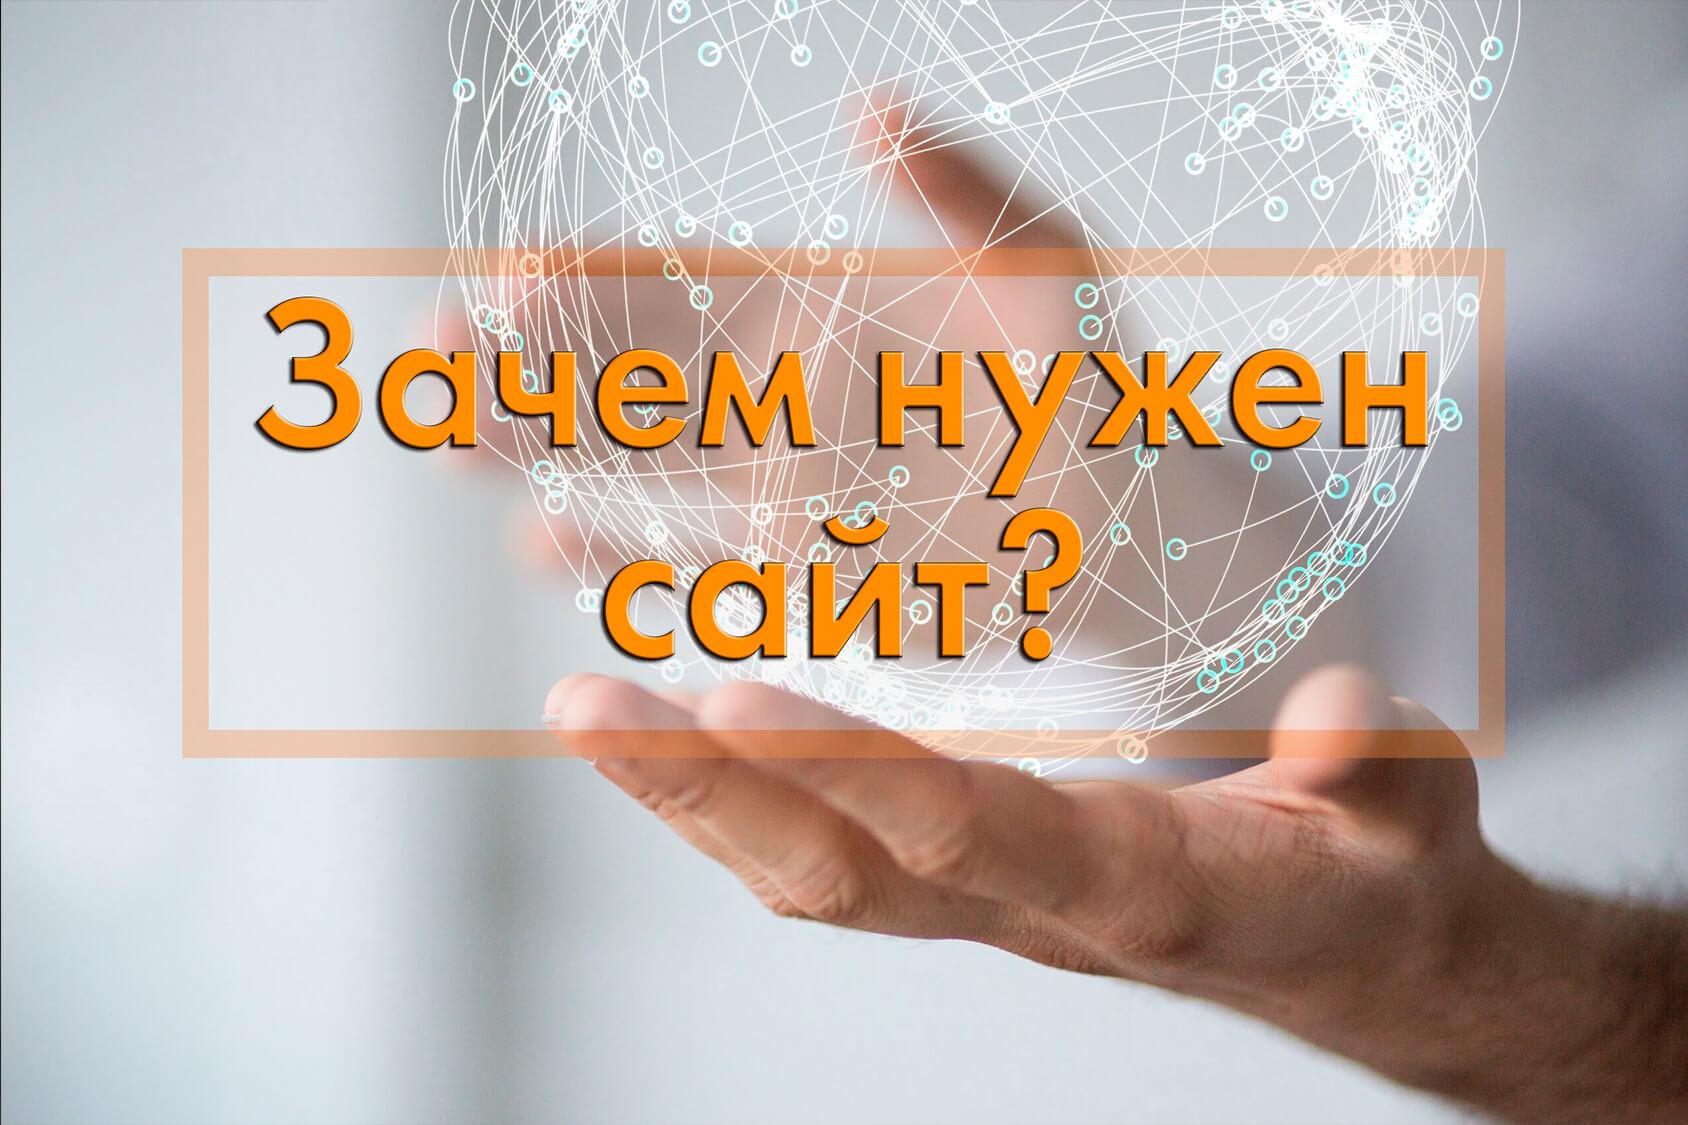 Зачем нужен сайт: 10 основных причин почему вы должны создать сайт   web-revenue.ru